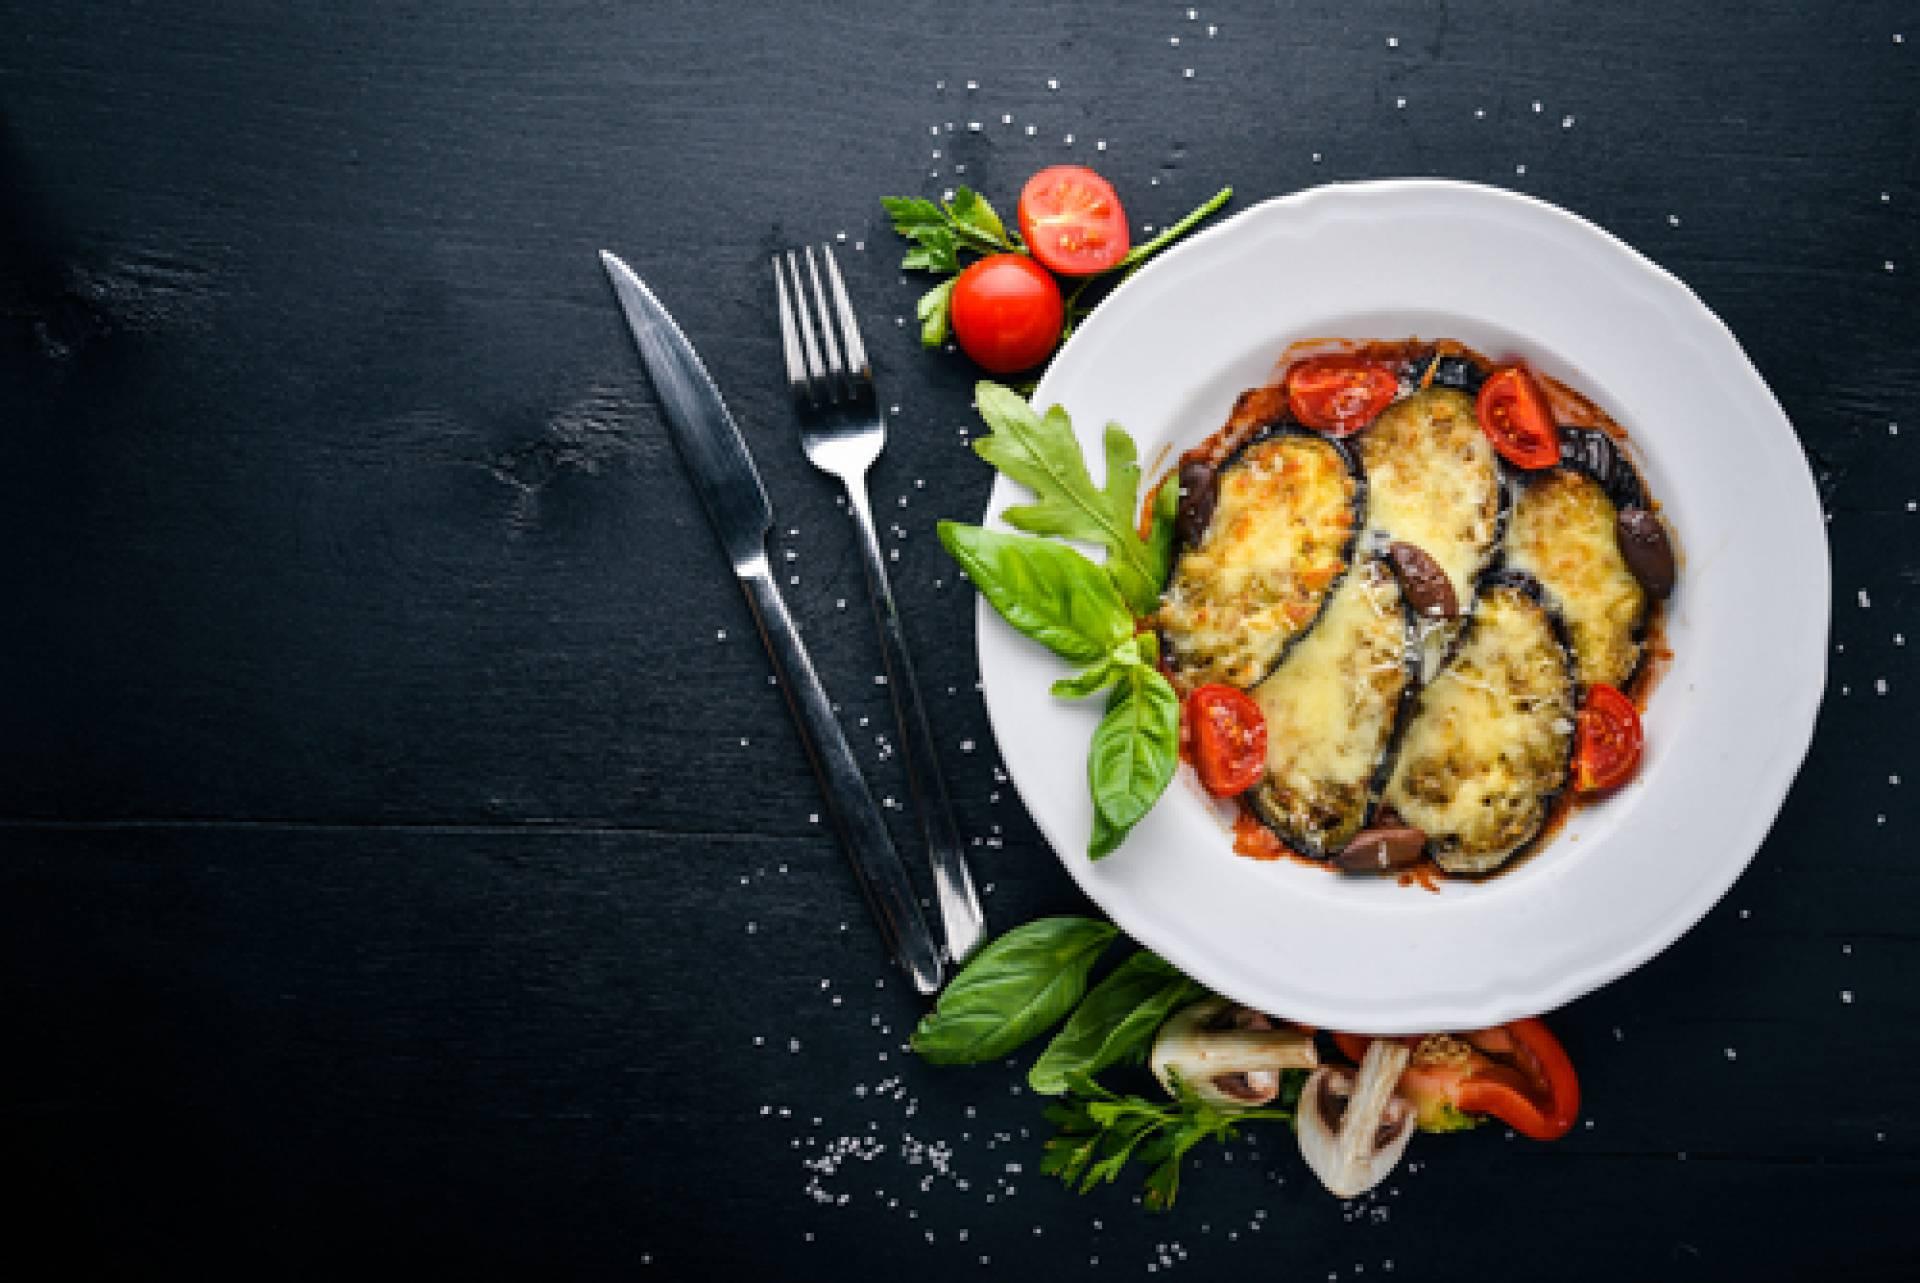 Eggplant Parmesan with zucchini noodles